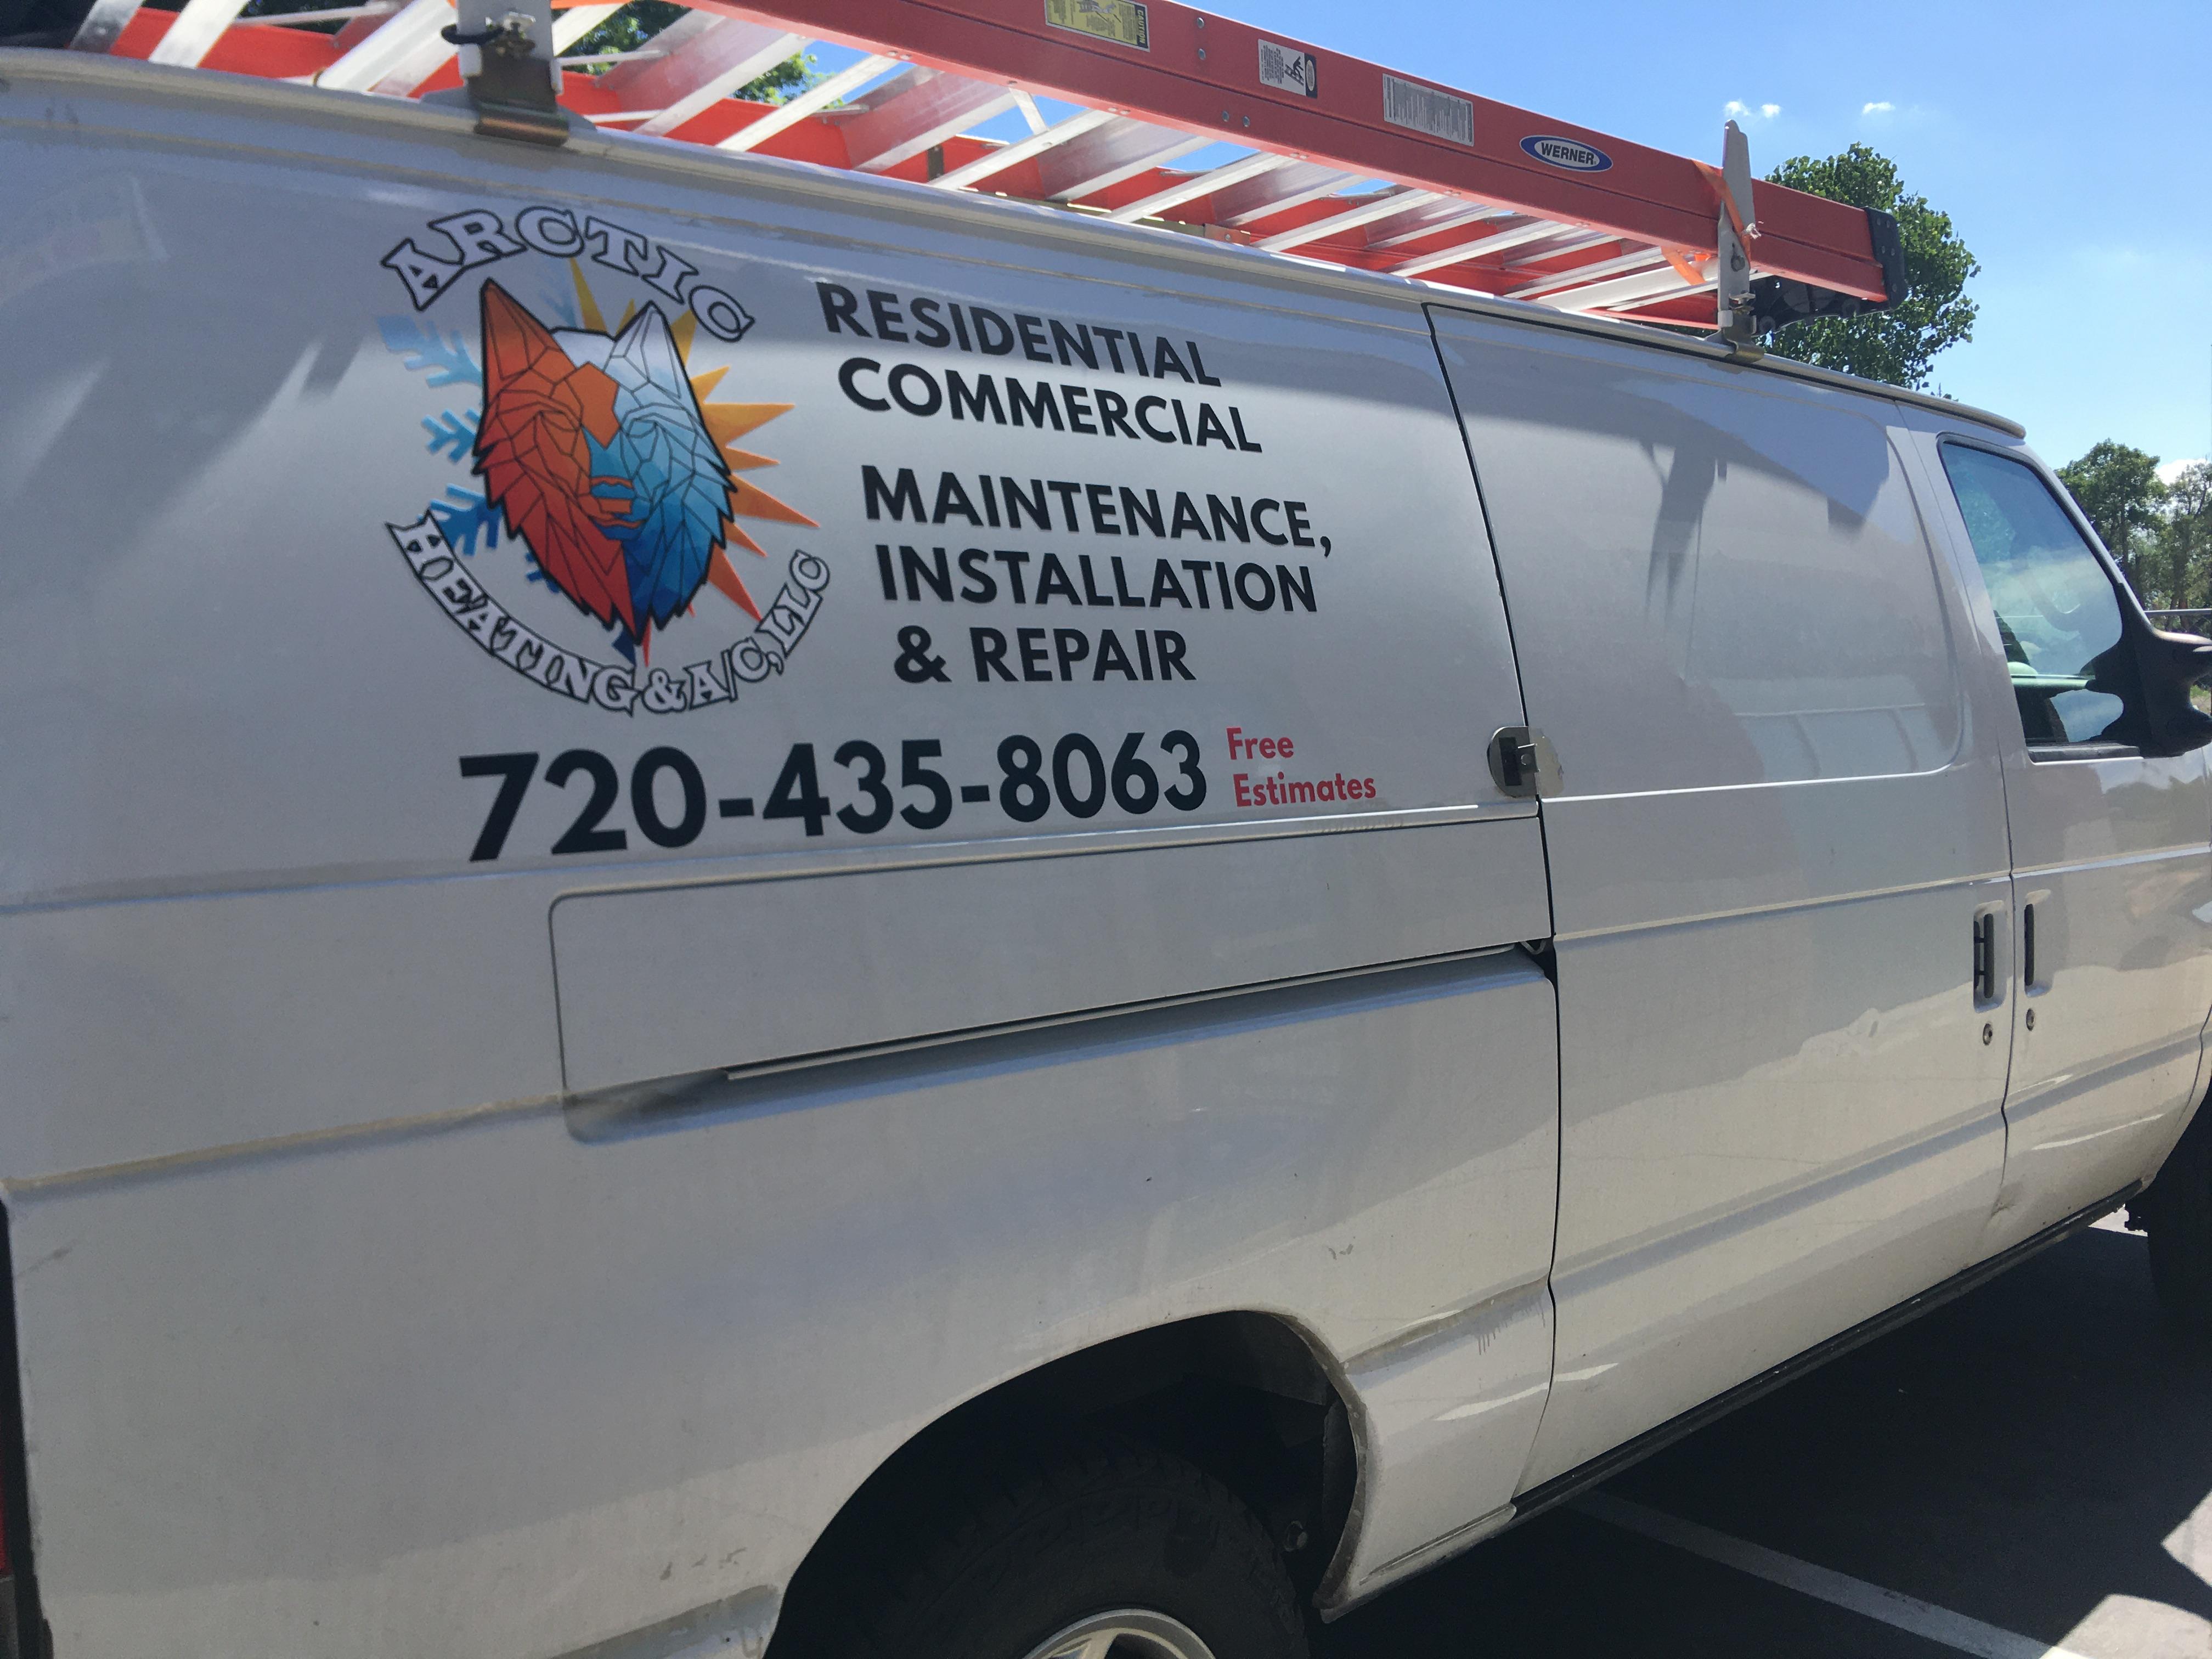 Full Color Logo Simple Vehicle Letterring - Passenger Side of Van